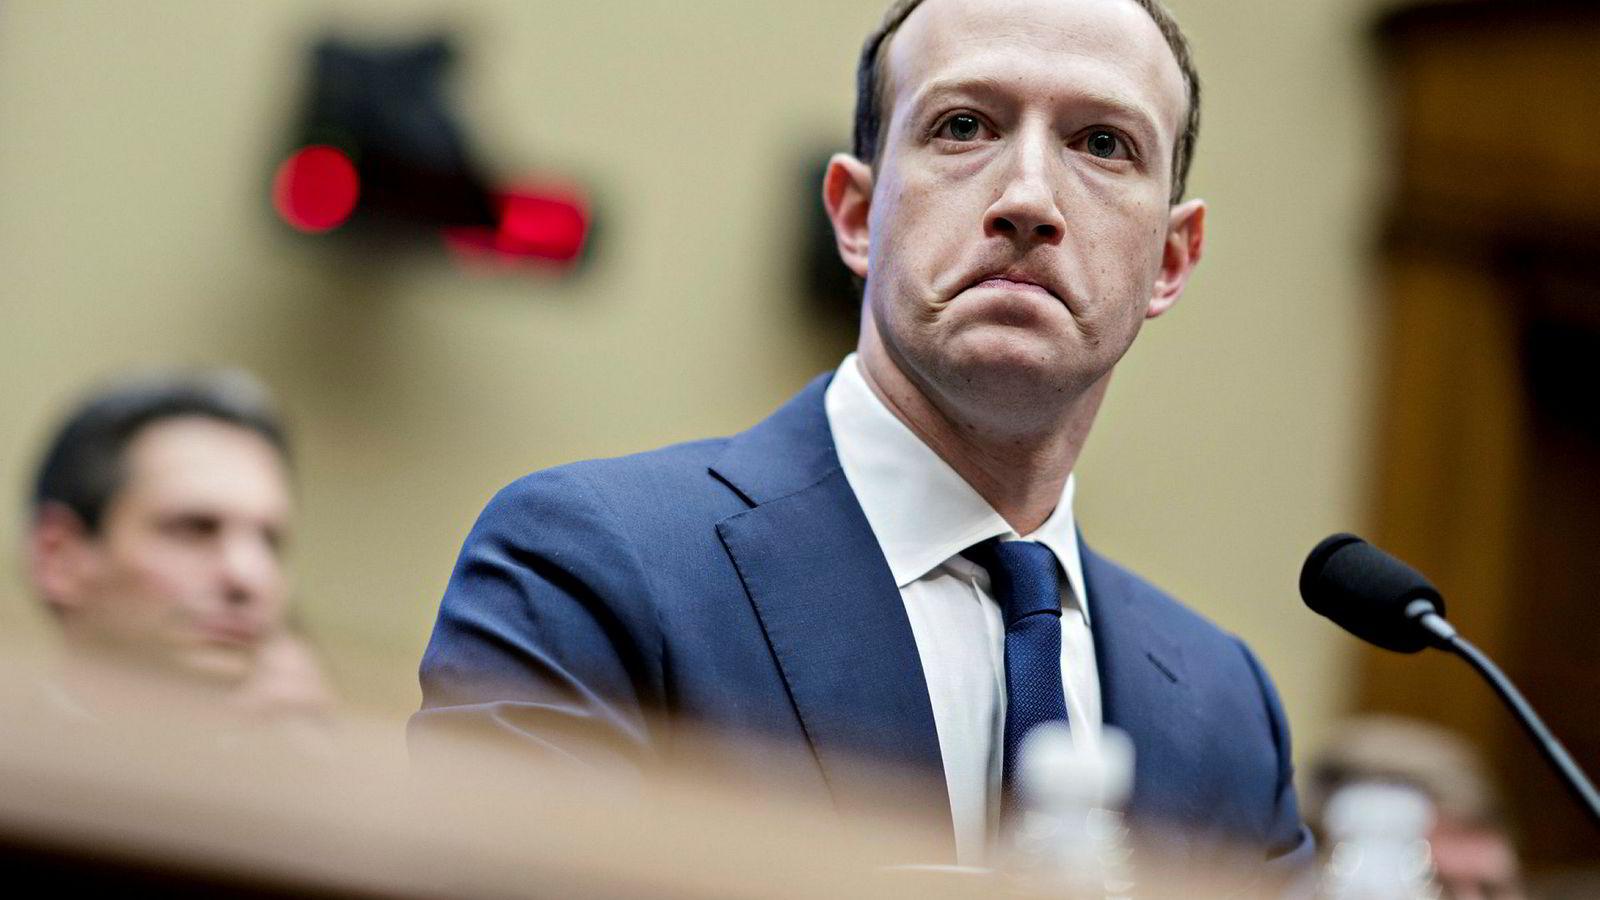 Etter et turbulent 2018, måtte Mark Zuckerberg, administrerende direktør, grunnlegger og styreleder i Facebook, så skolerett for den amerikanske kongressen.